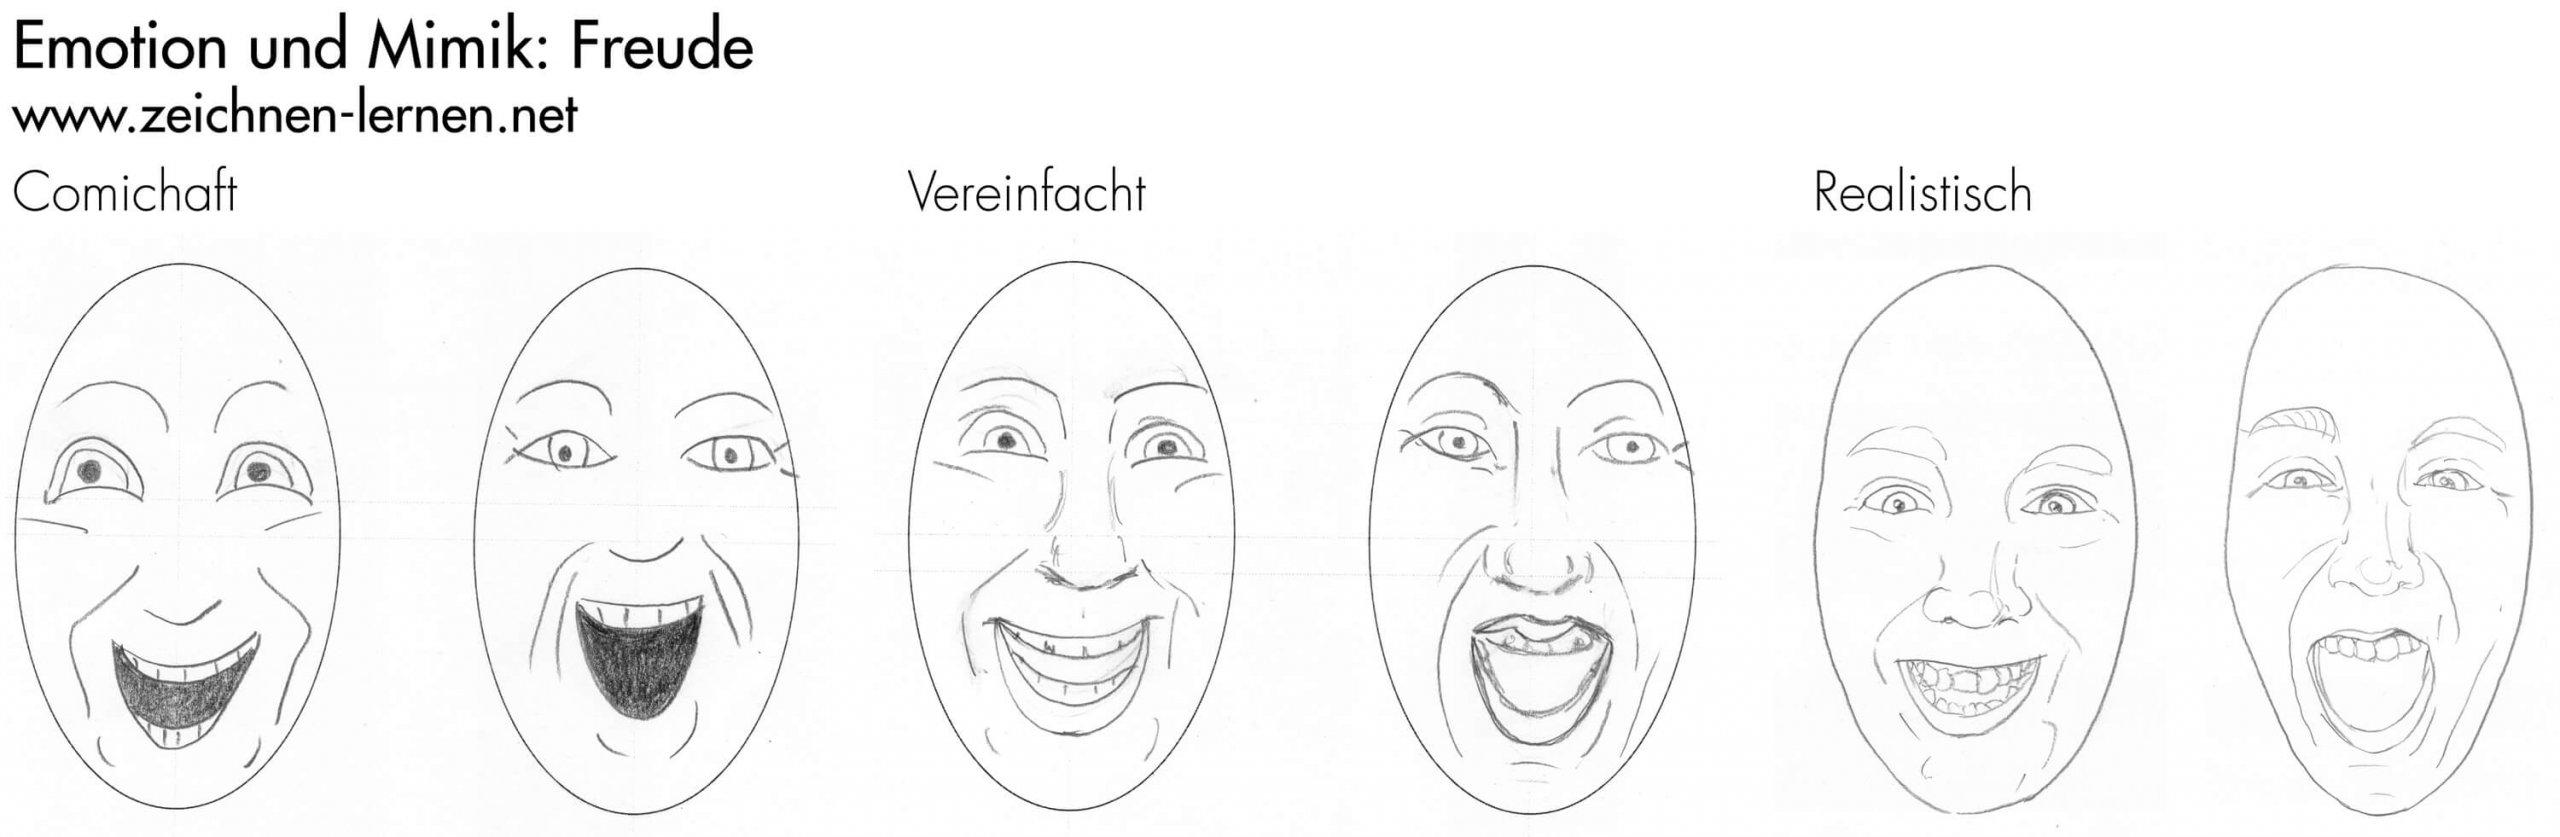 Beispiele mimik Sieben deutsche